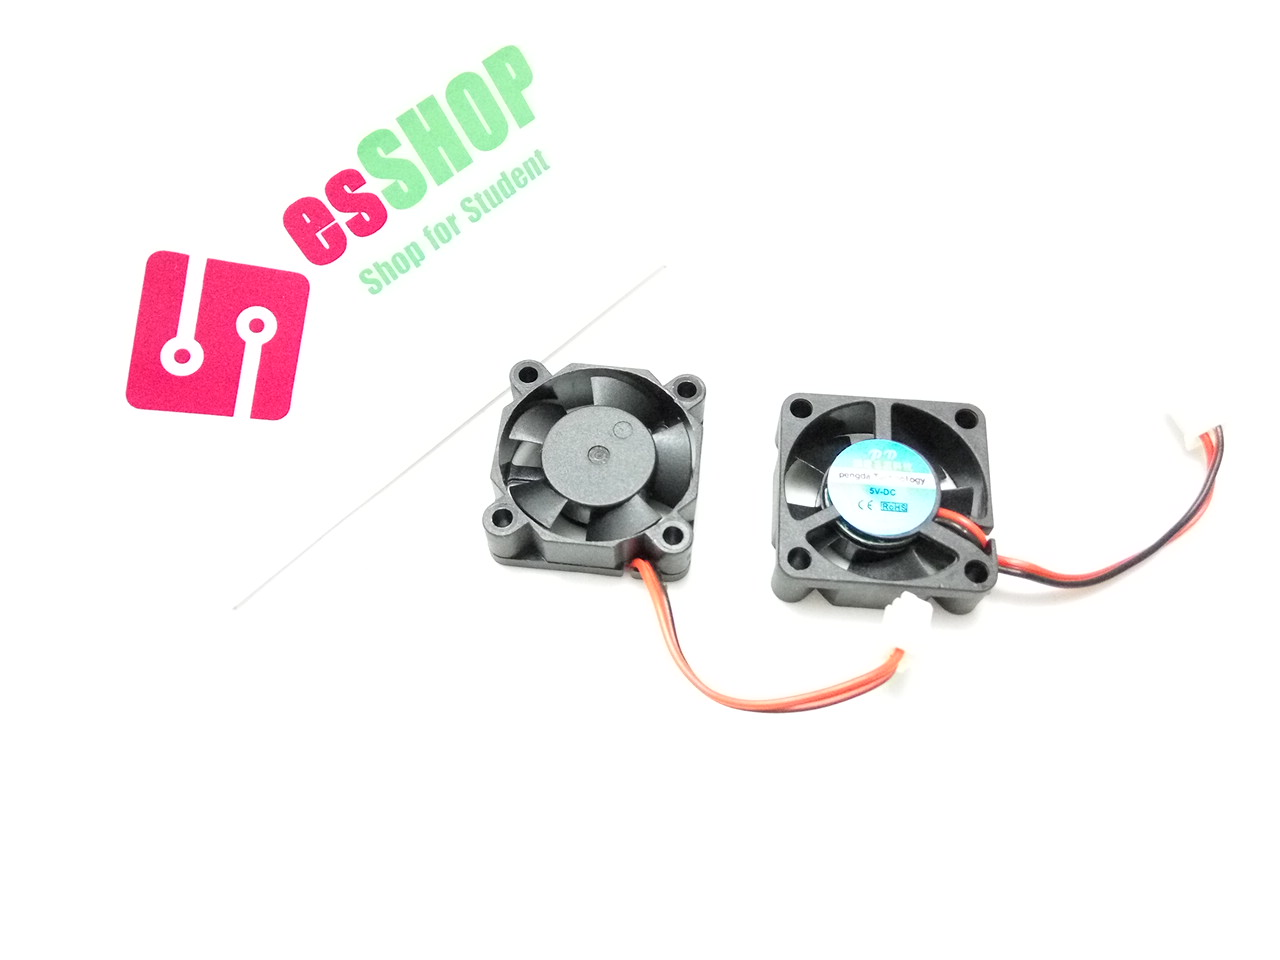 C0125 - Quạt tản nhiệt mini 30x30x10mm Raspberry 5V